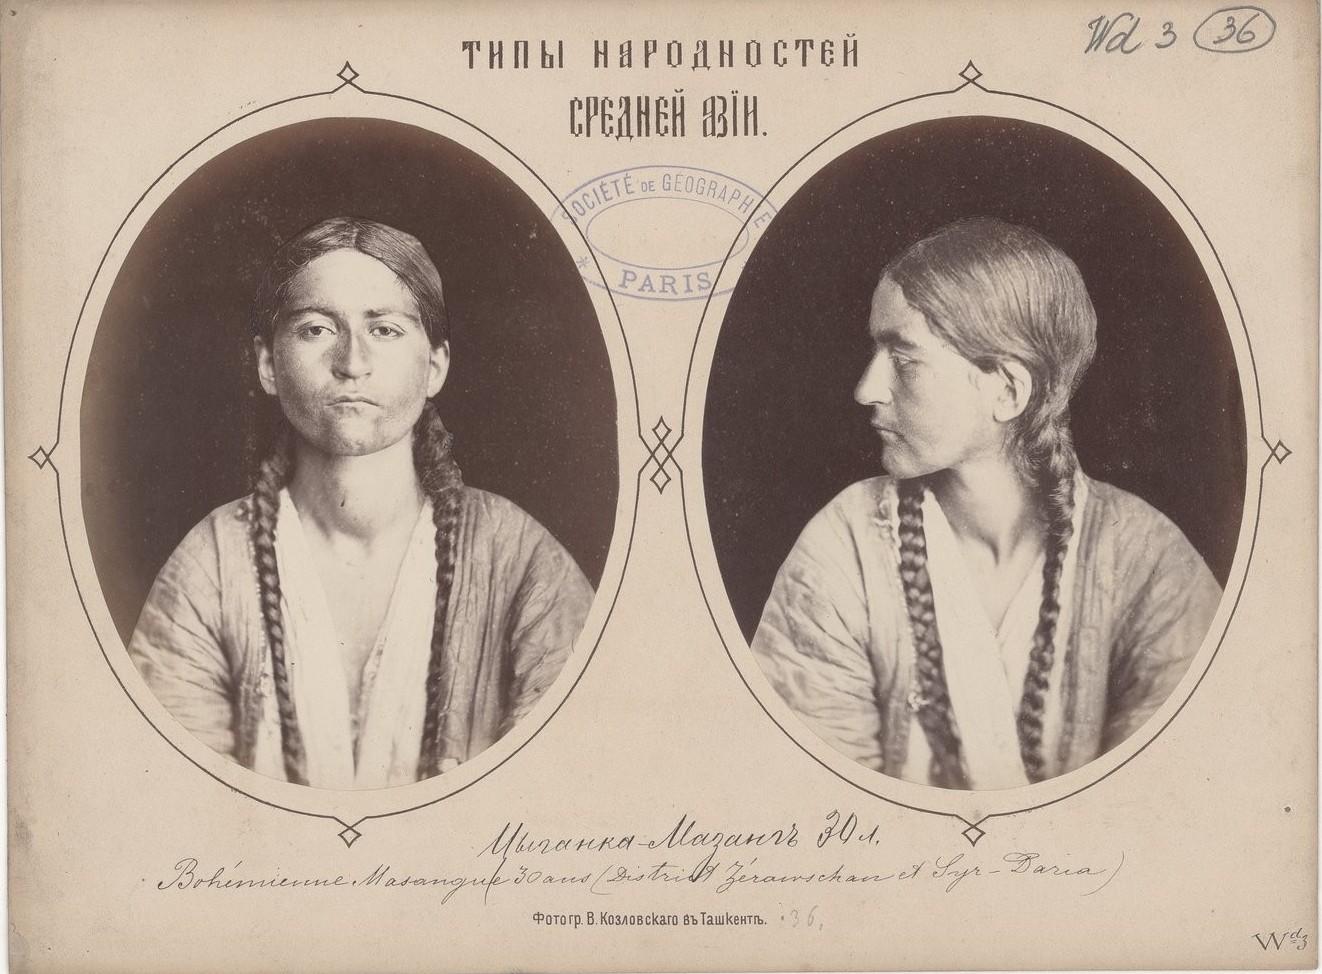 Цыганка-мазанг,30 лет. Зеравшанский округ